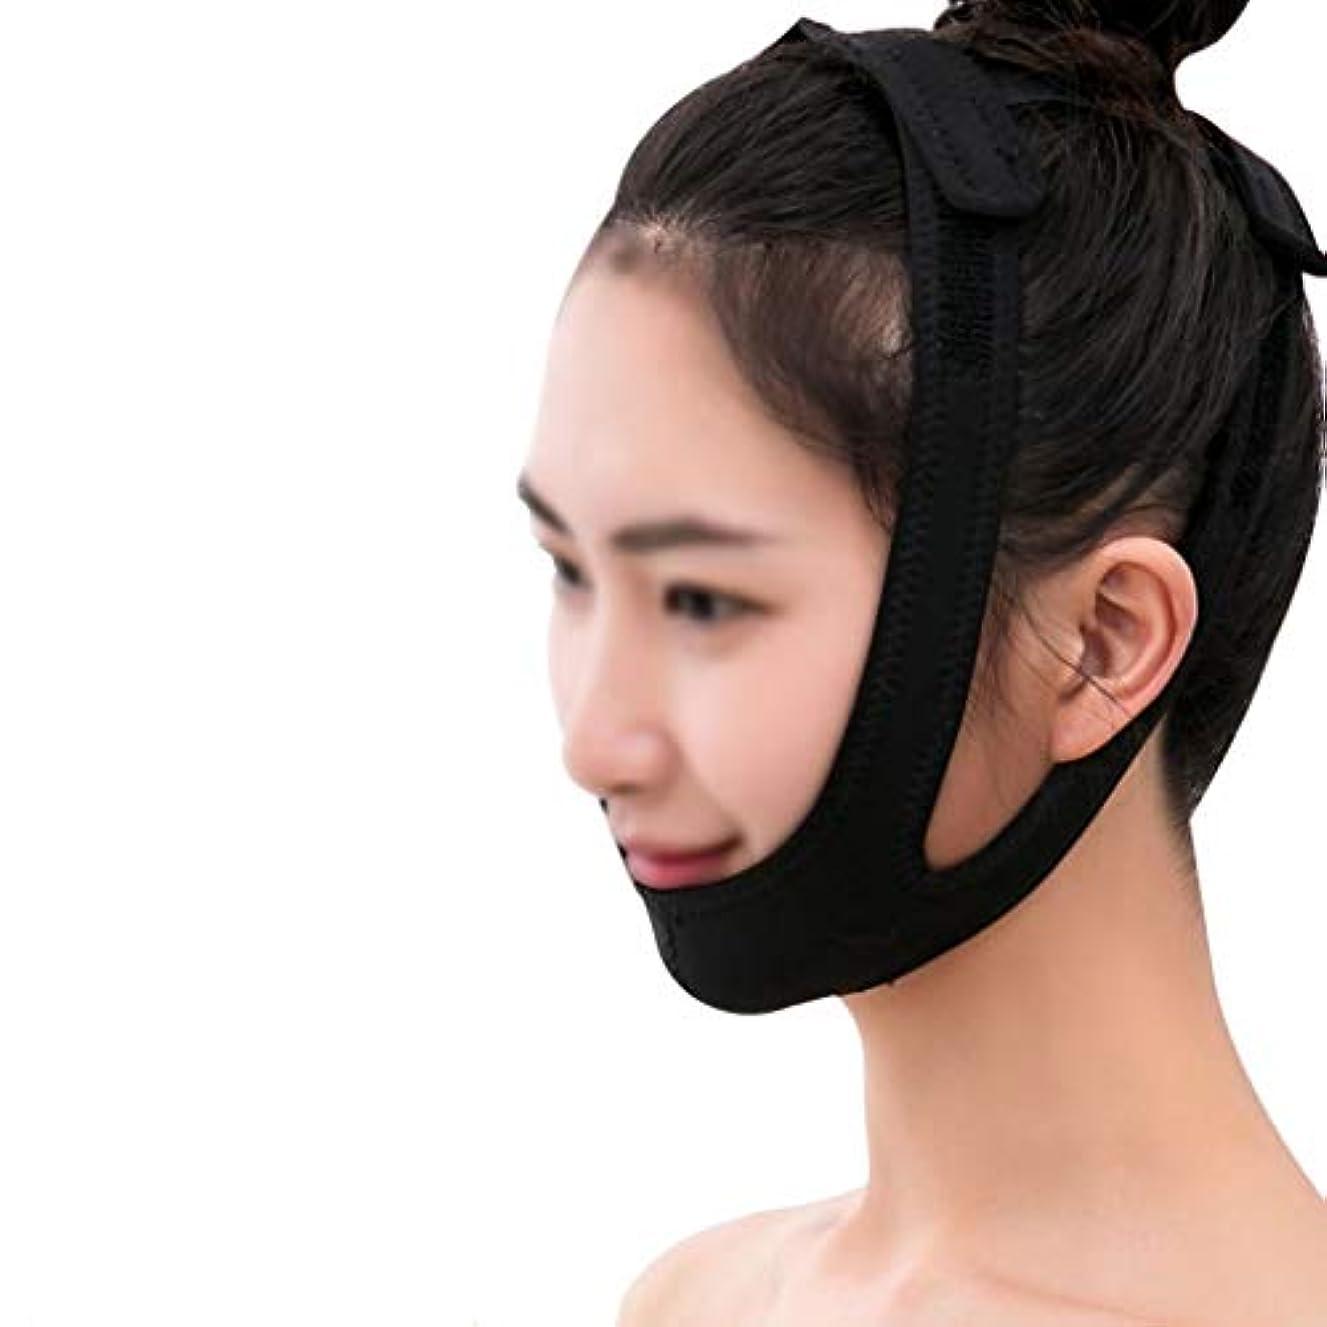 ミシンへこみ活力フェイシャルリフティングマスク、医療用ワイヤーカービングリカバリーヘッドギアVフェイスバンデージダブルチンフェイスリフトマスクブラック